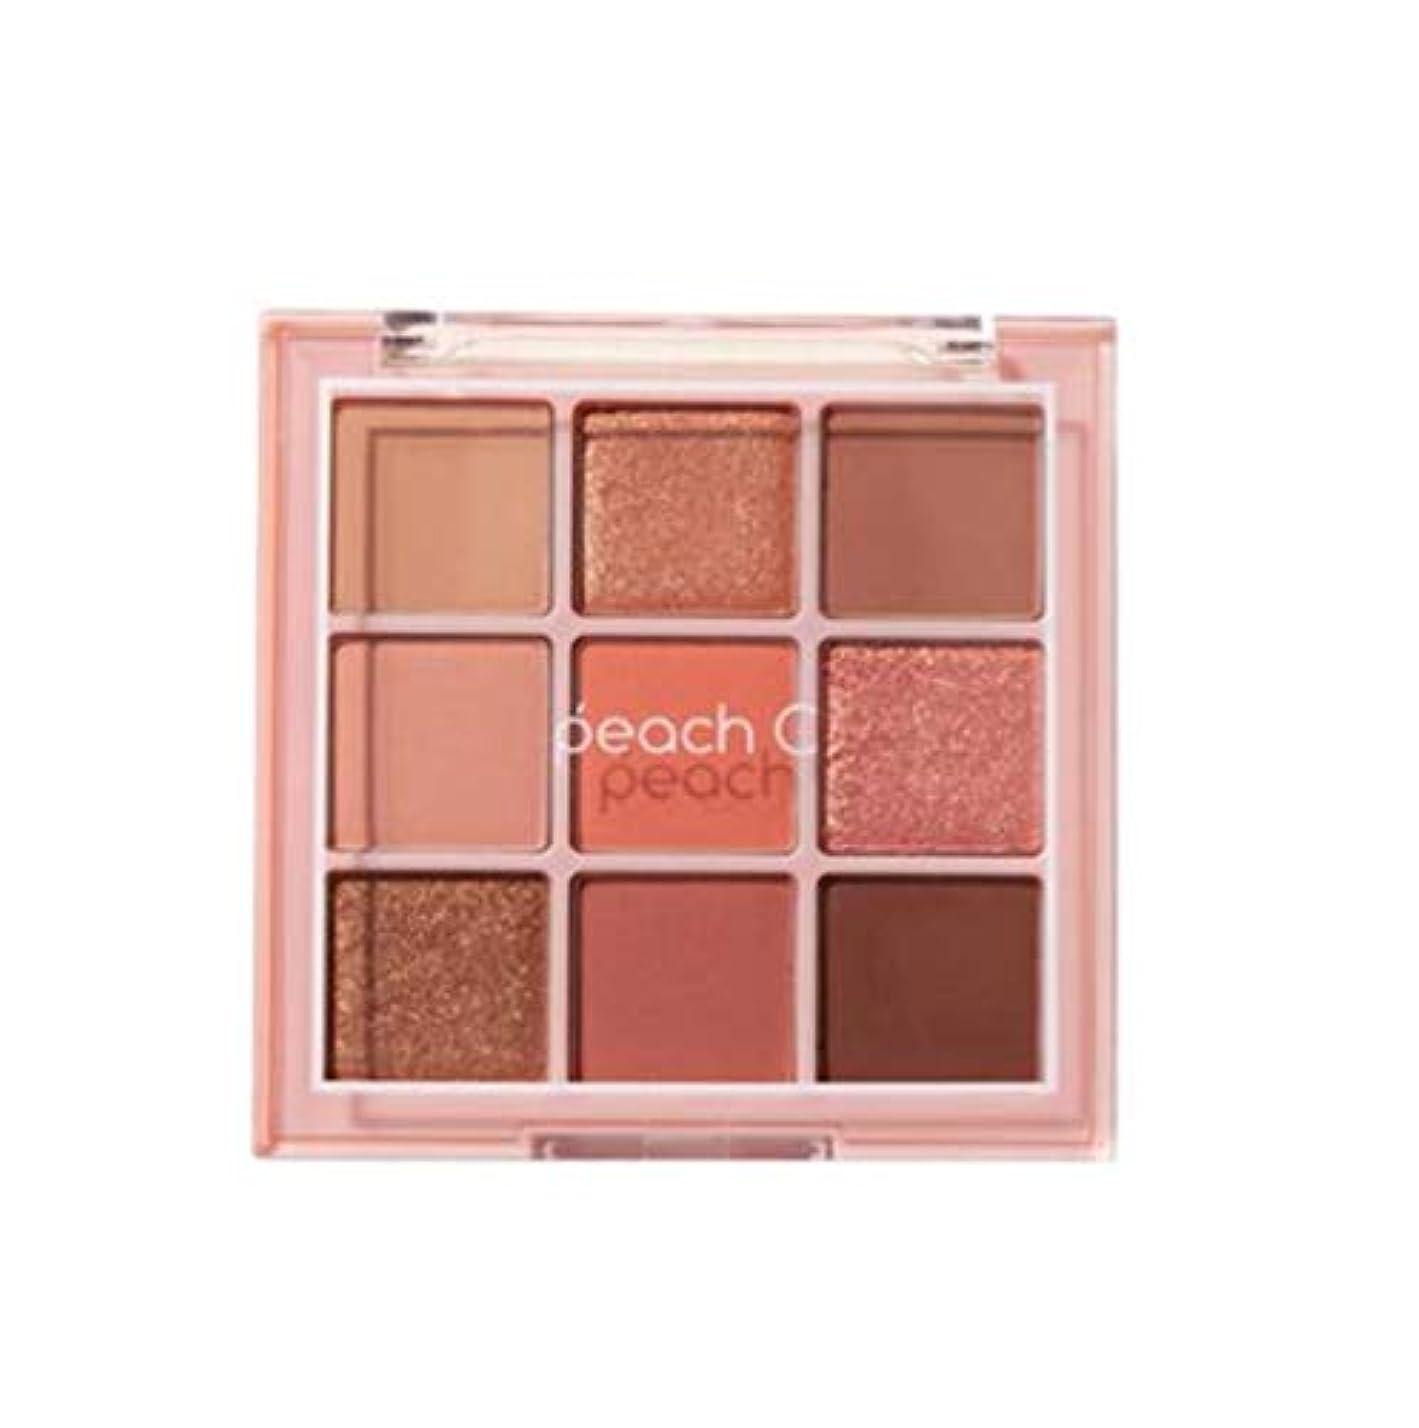 寸前アルファベット減らすPeach C Soft Mood Eyeshadow Palette -SOFT CORAL告発色、高密着、告知の中独歩的な高クオリティアイシャドウパレット9color(並行輸入品)